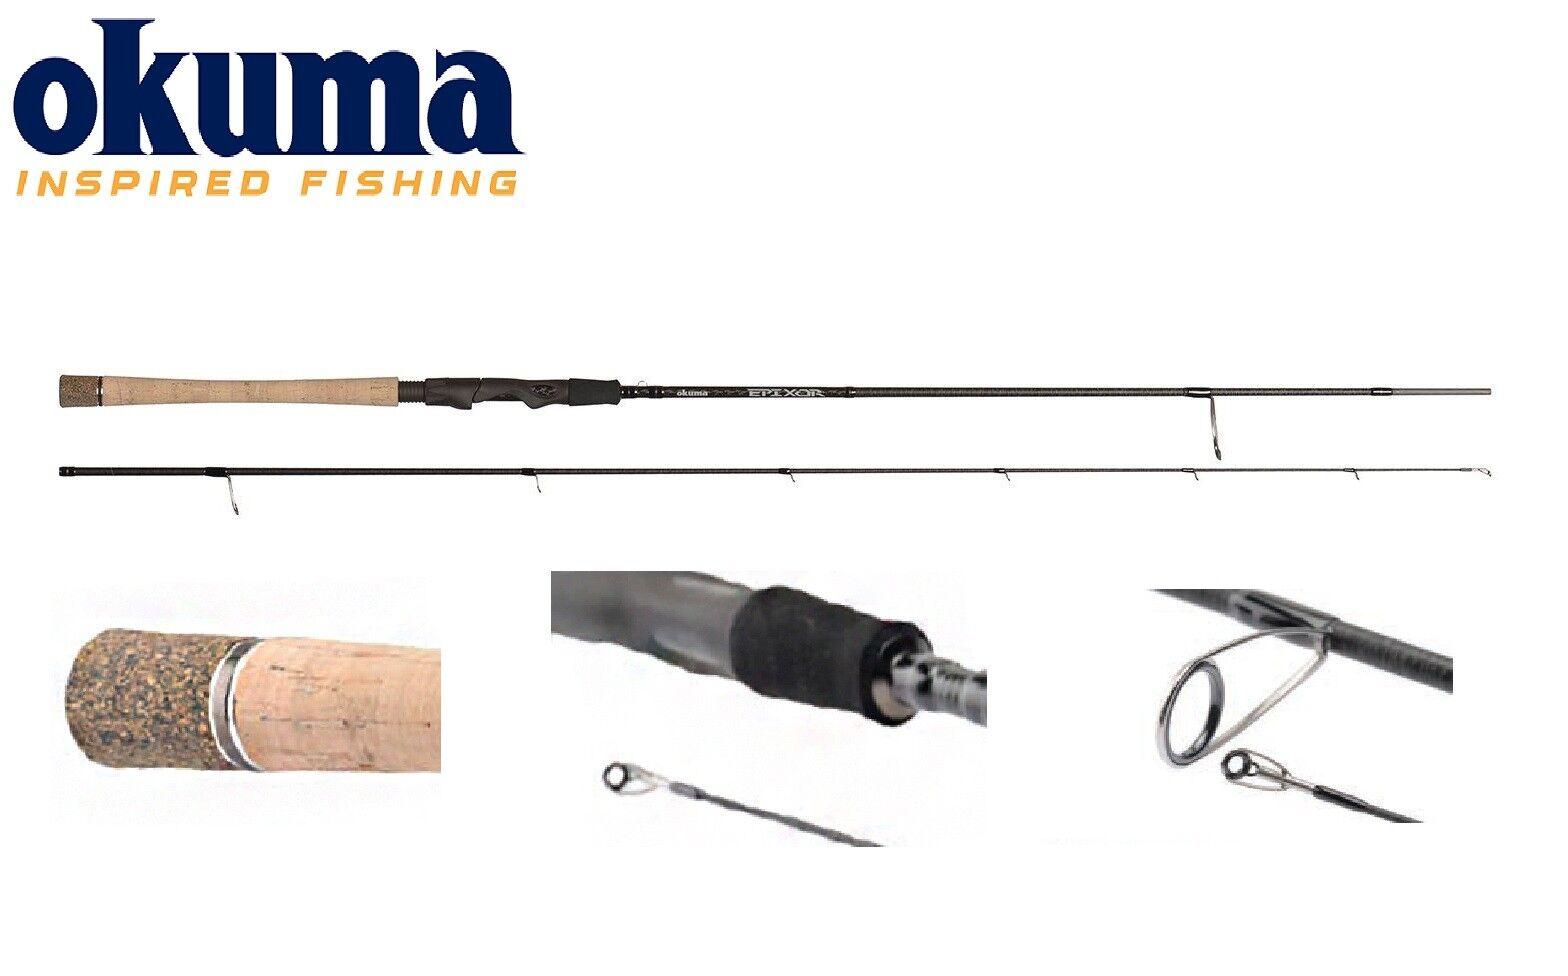 OKUMA Epixor Filatura Rod 198 cm - 345 cm 6' 6  - 11' 5  2-50 G